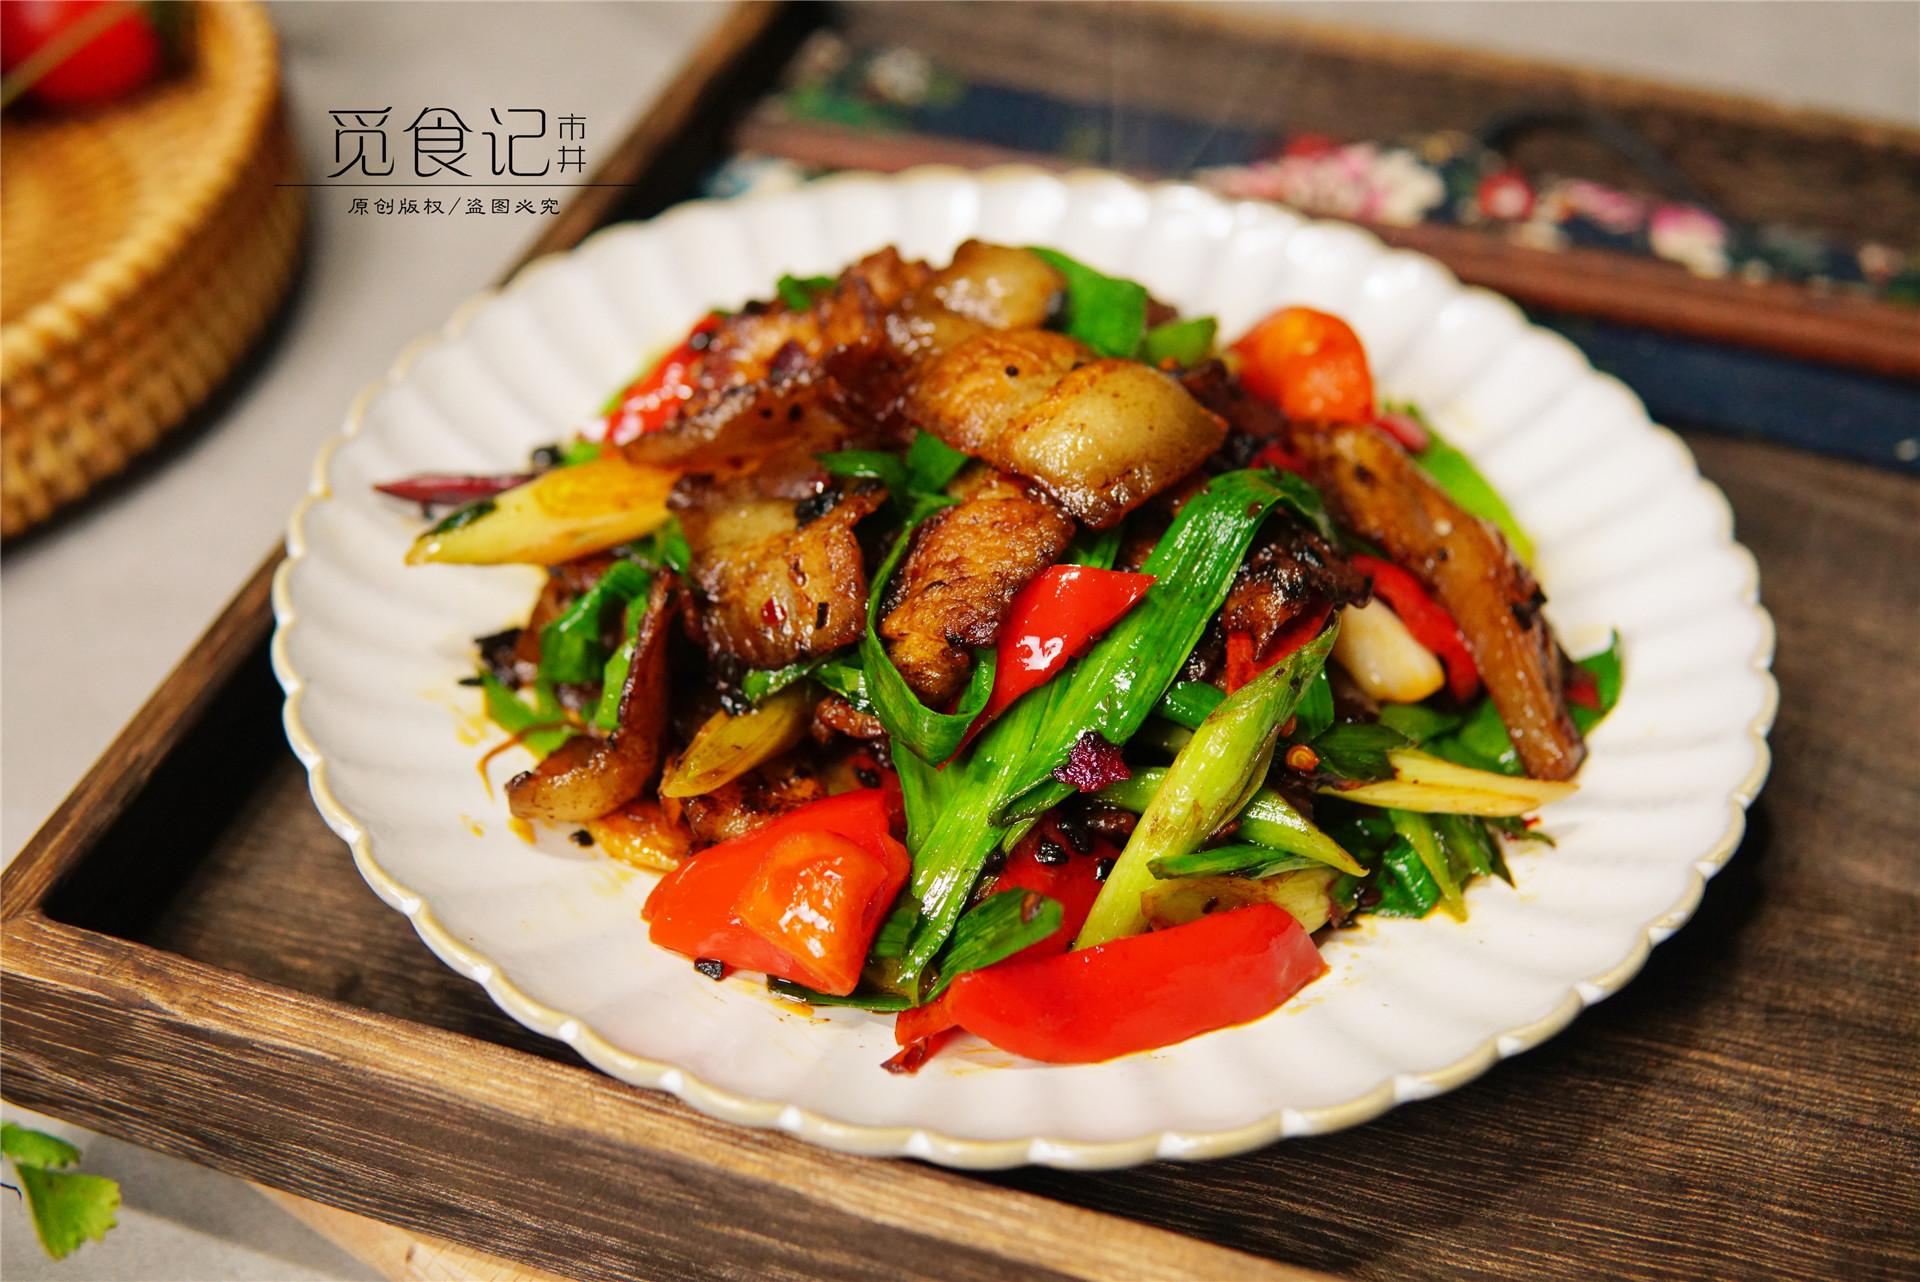 回锅肉肉怎么做好吃_冬天,回锅肉好吃到爆的做法,多加一味料,入口浓香还能防 ...